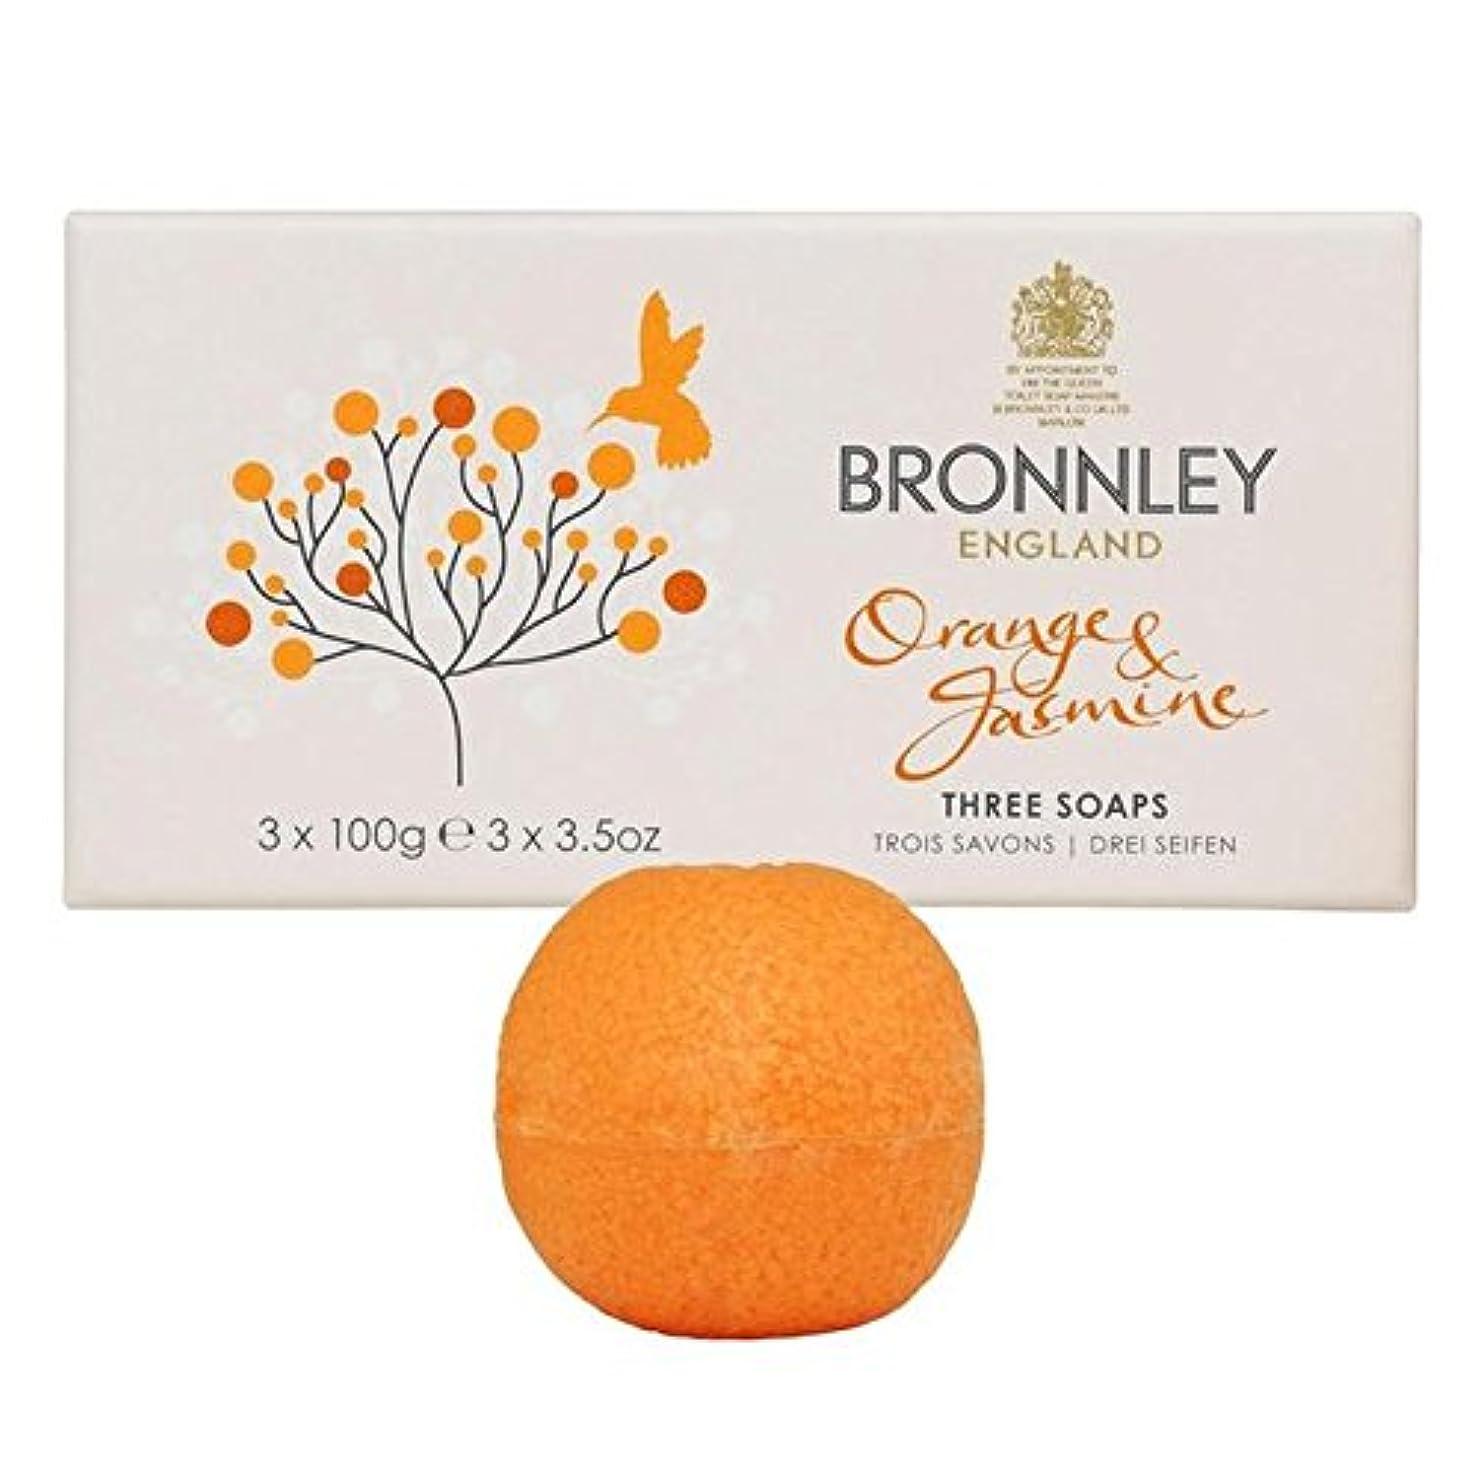 貨物グレートオーク最もBronnley Orange & Jasmine Soaps 3 x 100g (Pack of 6) - オレンジ&ジャスミン石鹸3×100グラム x6 [並行輸入品]